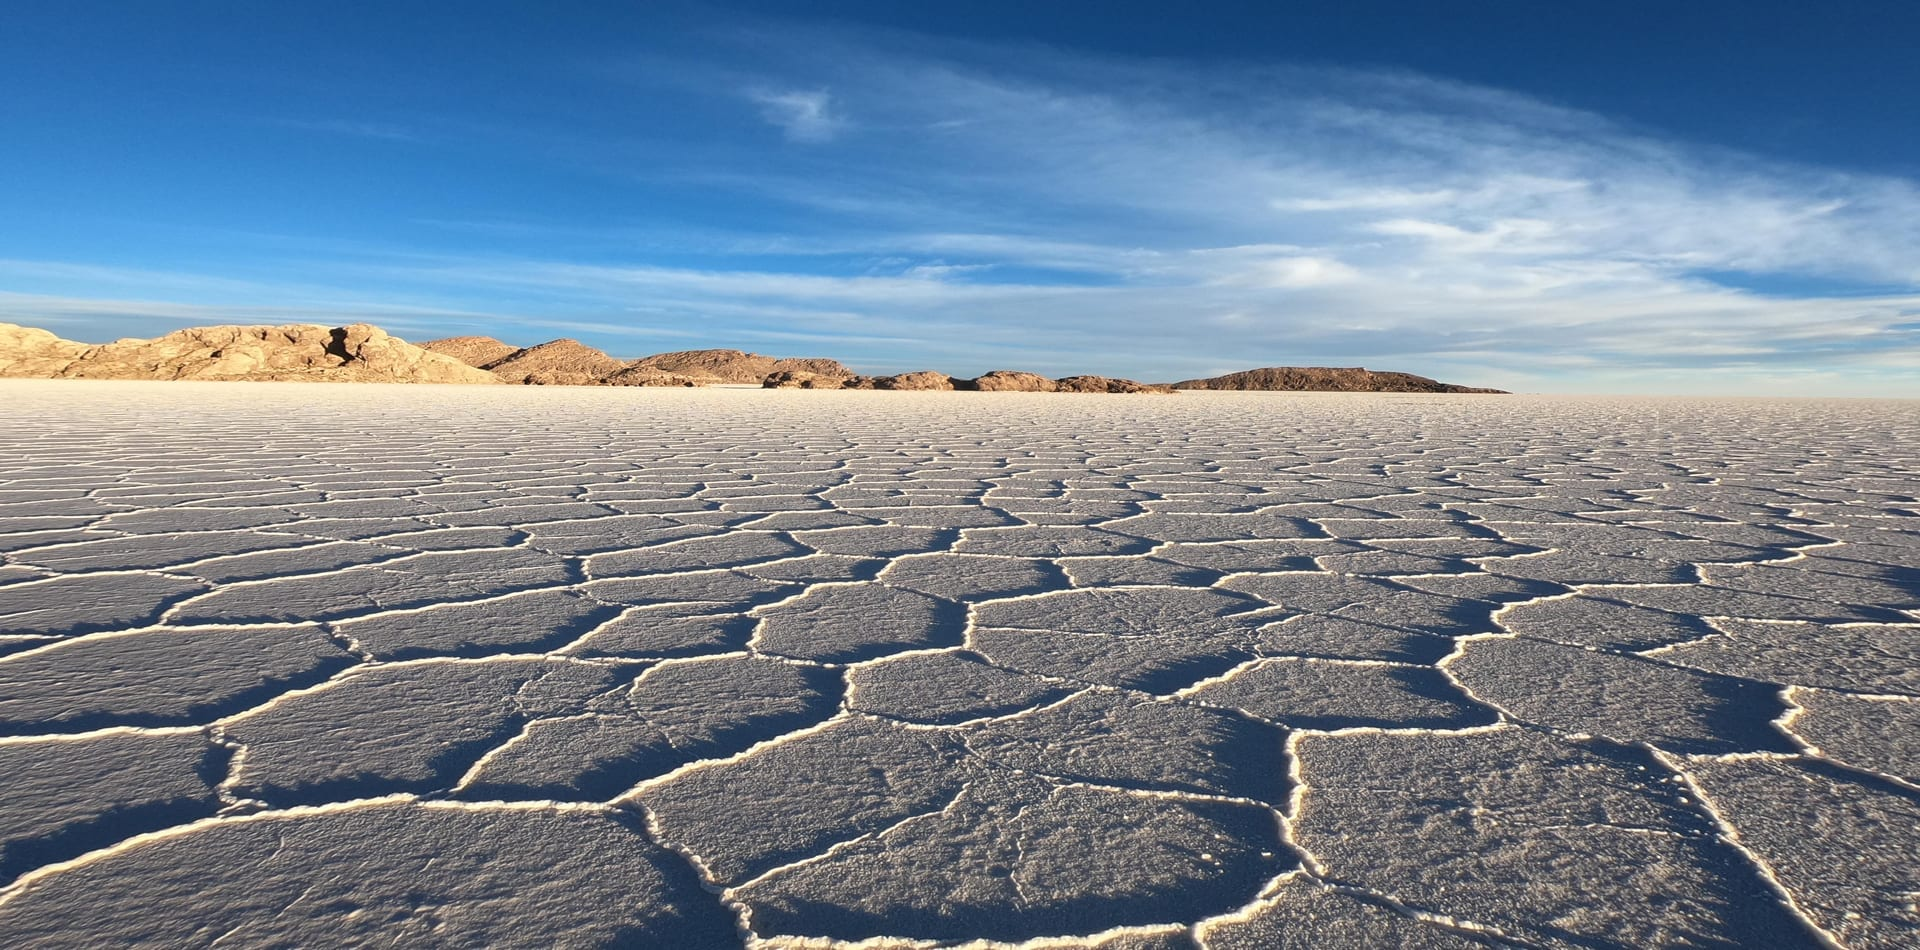 Salar du Uyuni in Bolivia